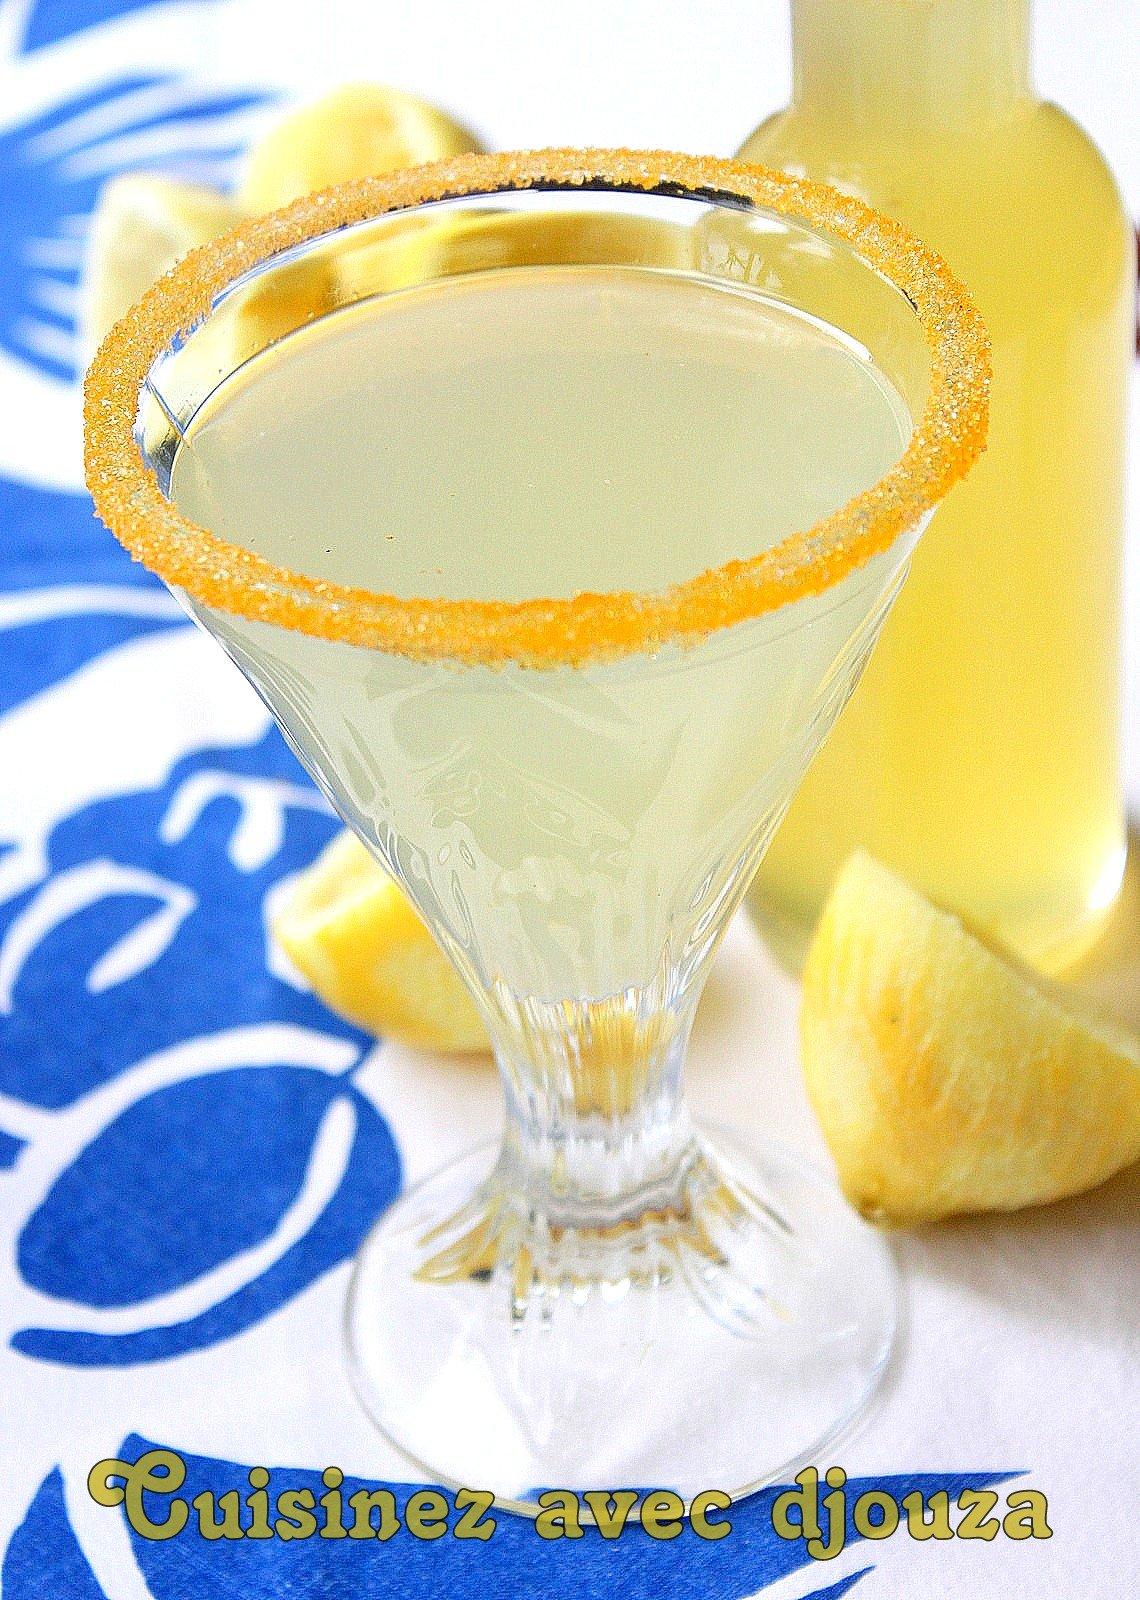 Cherbet au citron limonade